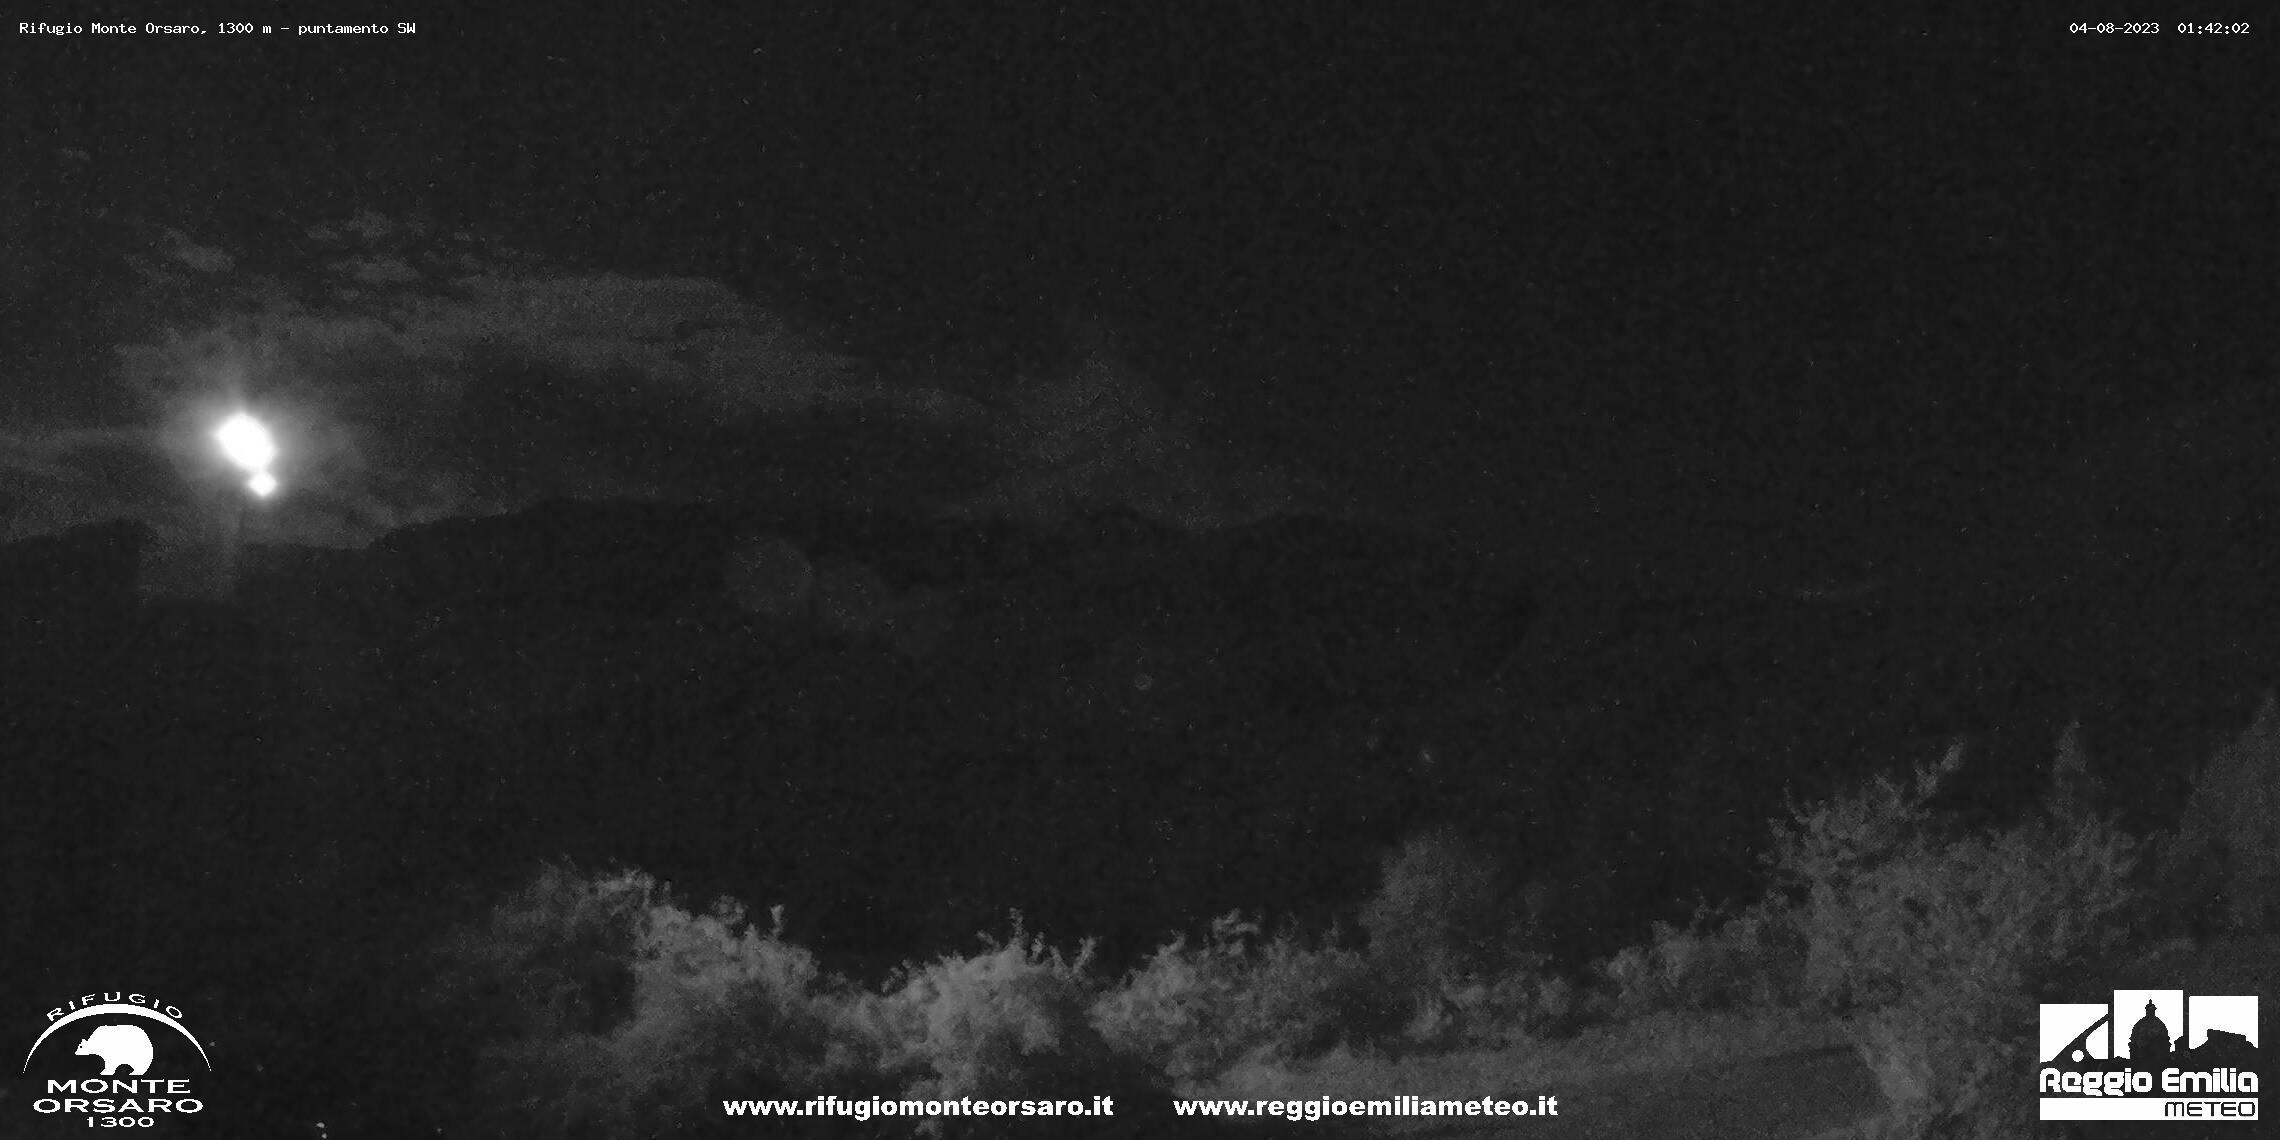 webcam Monte Orsaro , webcam provincia di Reggio-Emilia,  webcam Emilia-Romagna